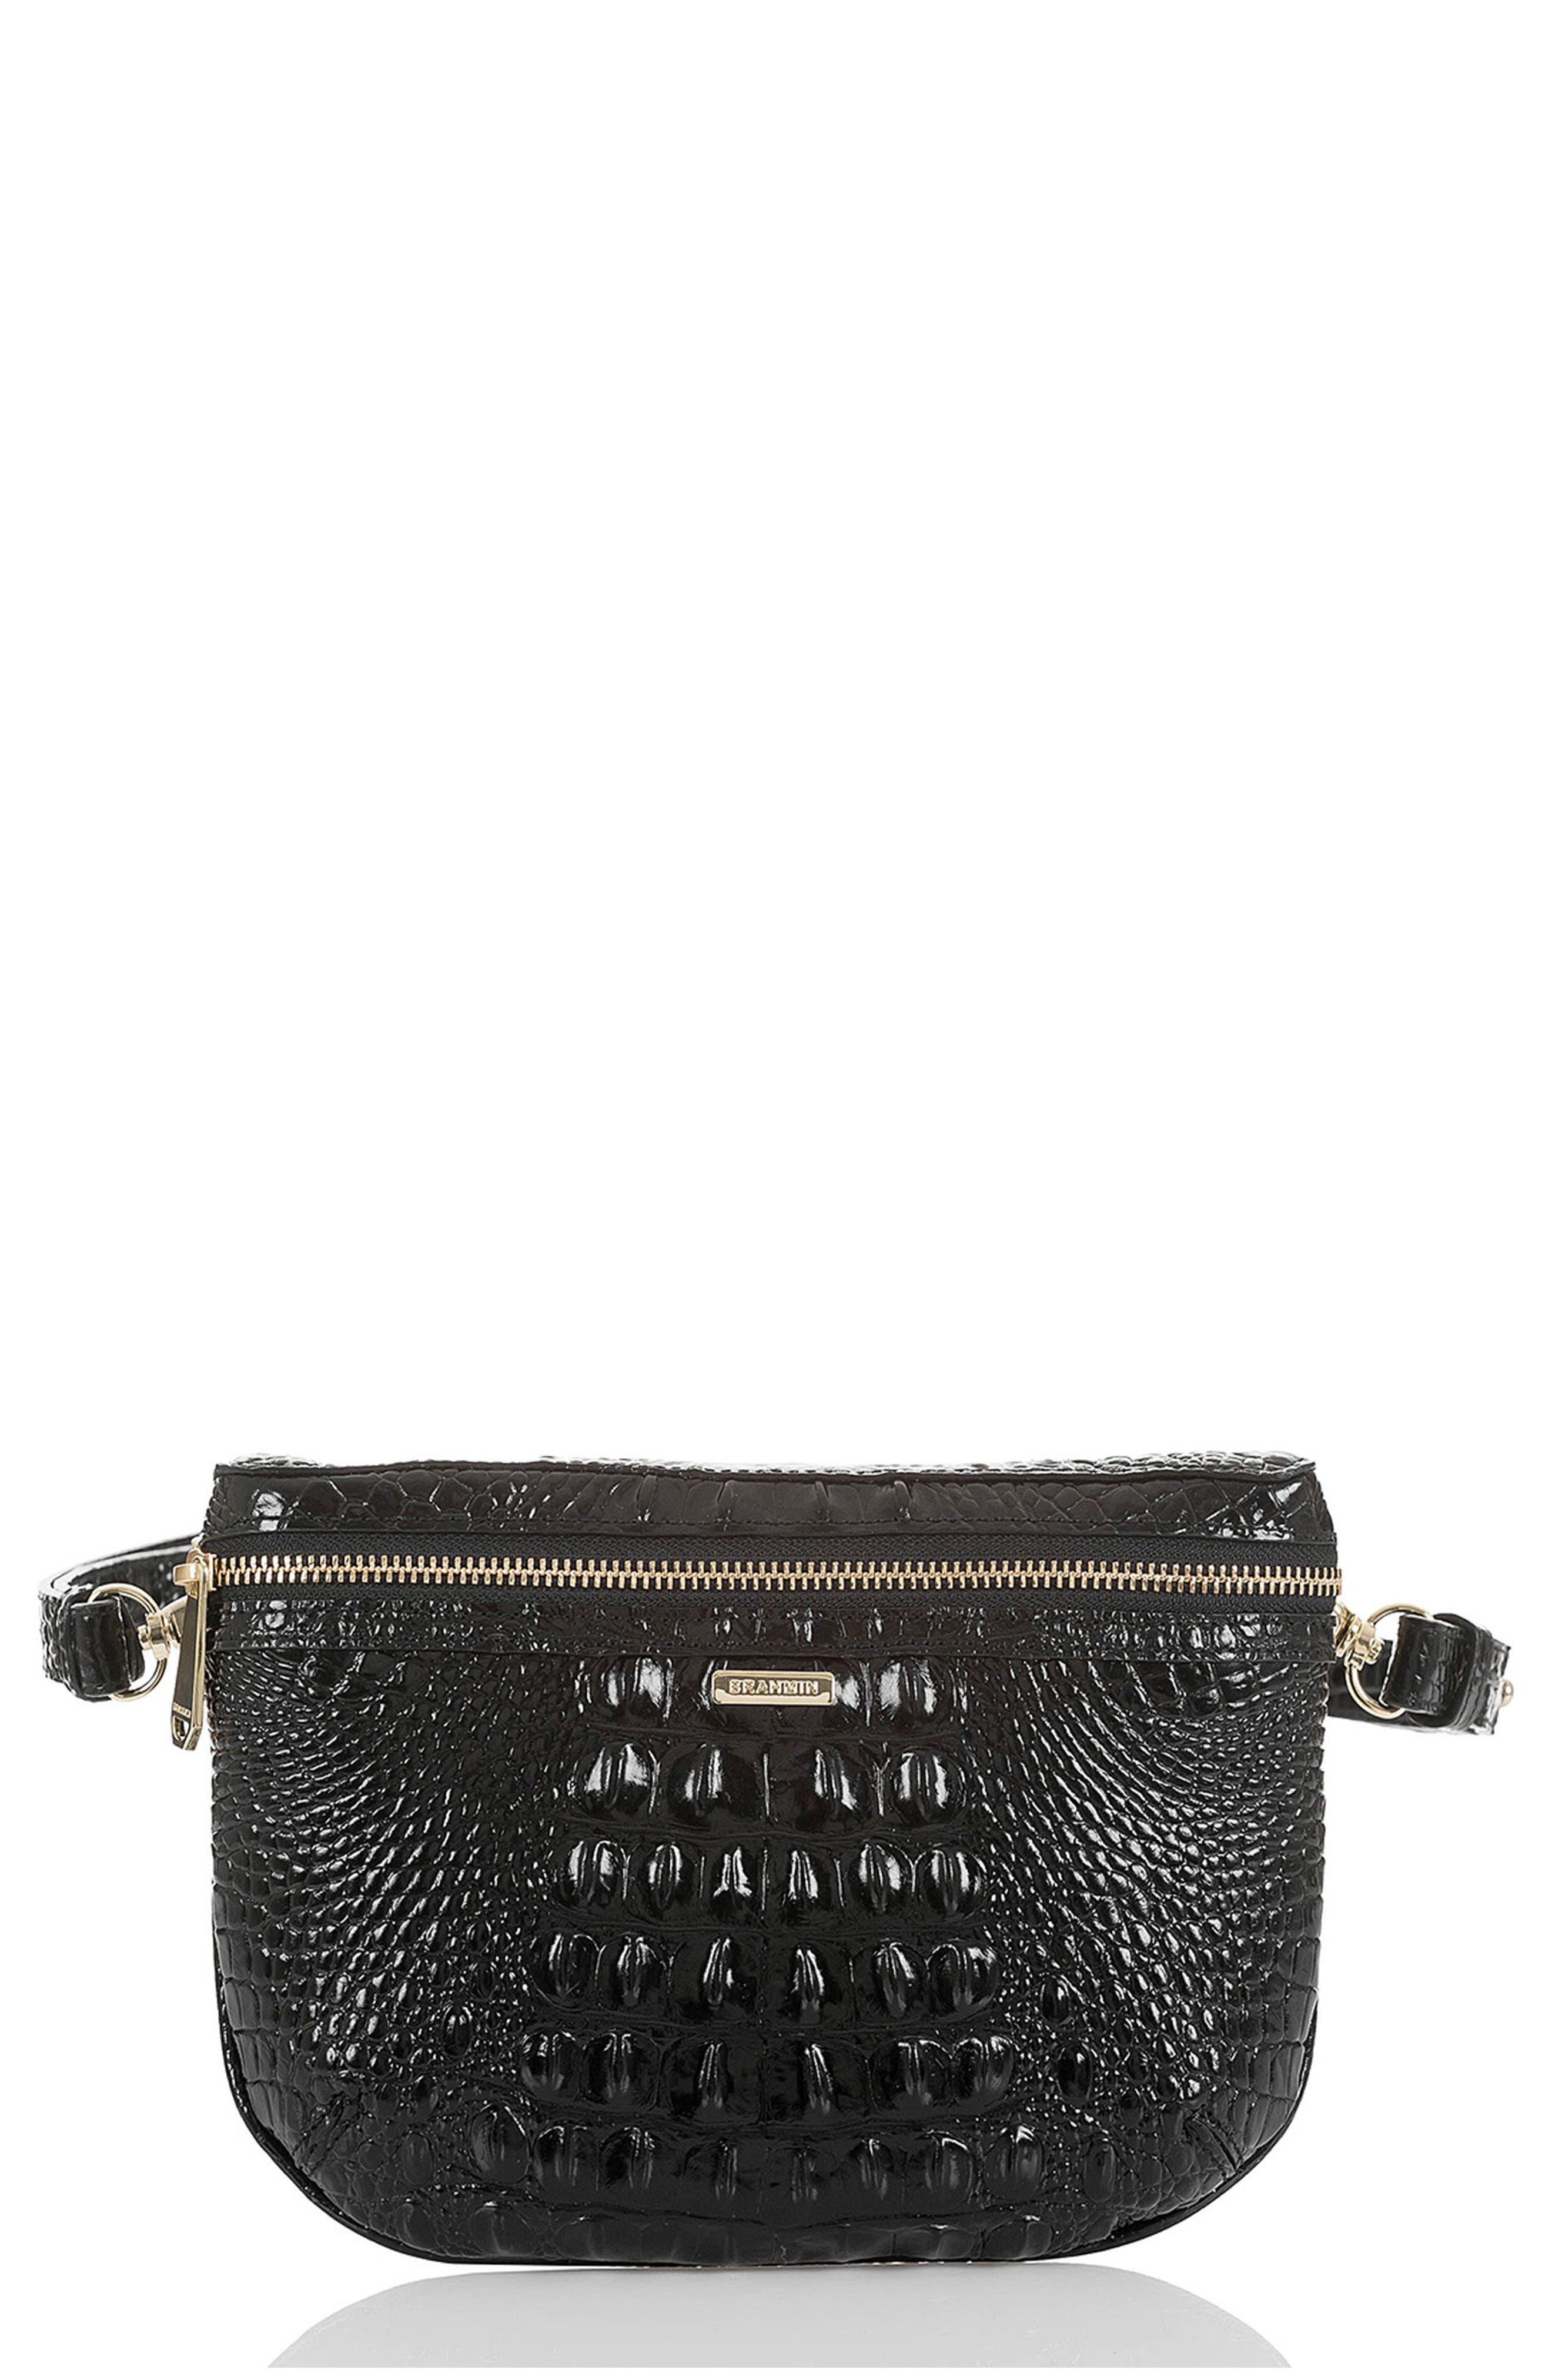 BRAHMIN Croc Embossed Leather Belt Bag, Main, color, BLACK